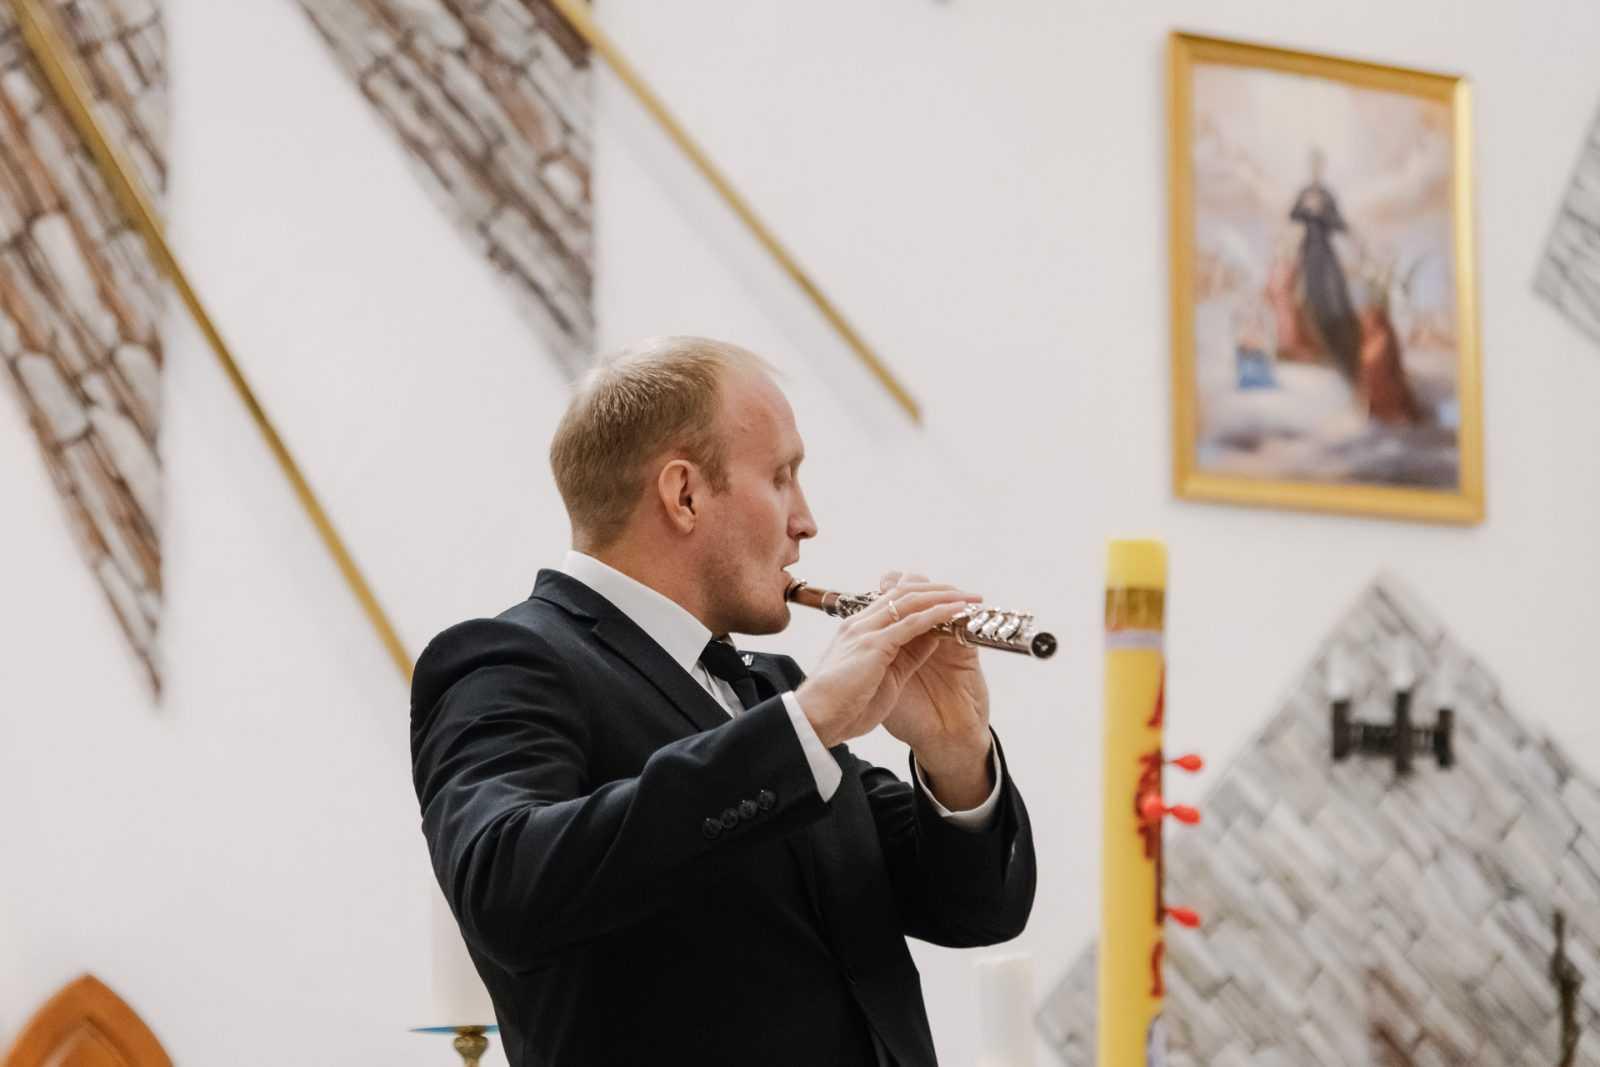 Музыка в храме КОНЦЕРТ «МАСТЕРА БАРОККО» 26.10.2019 2